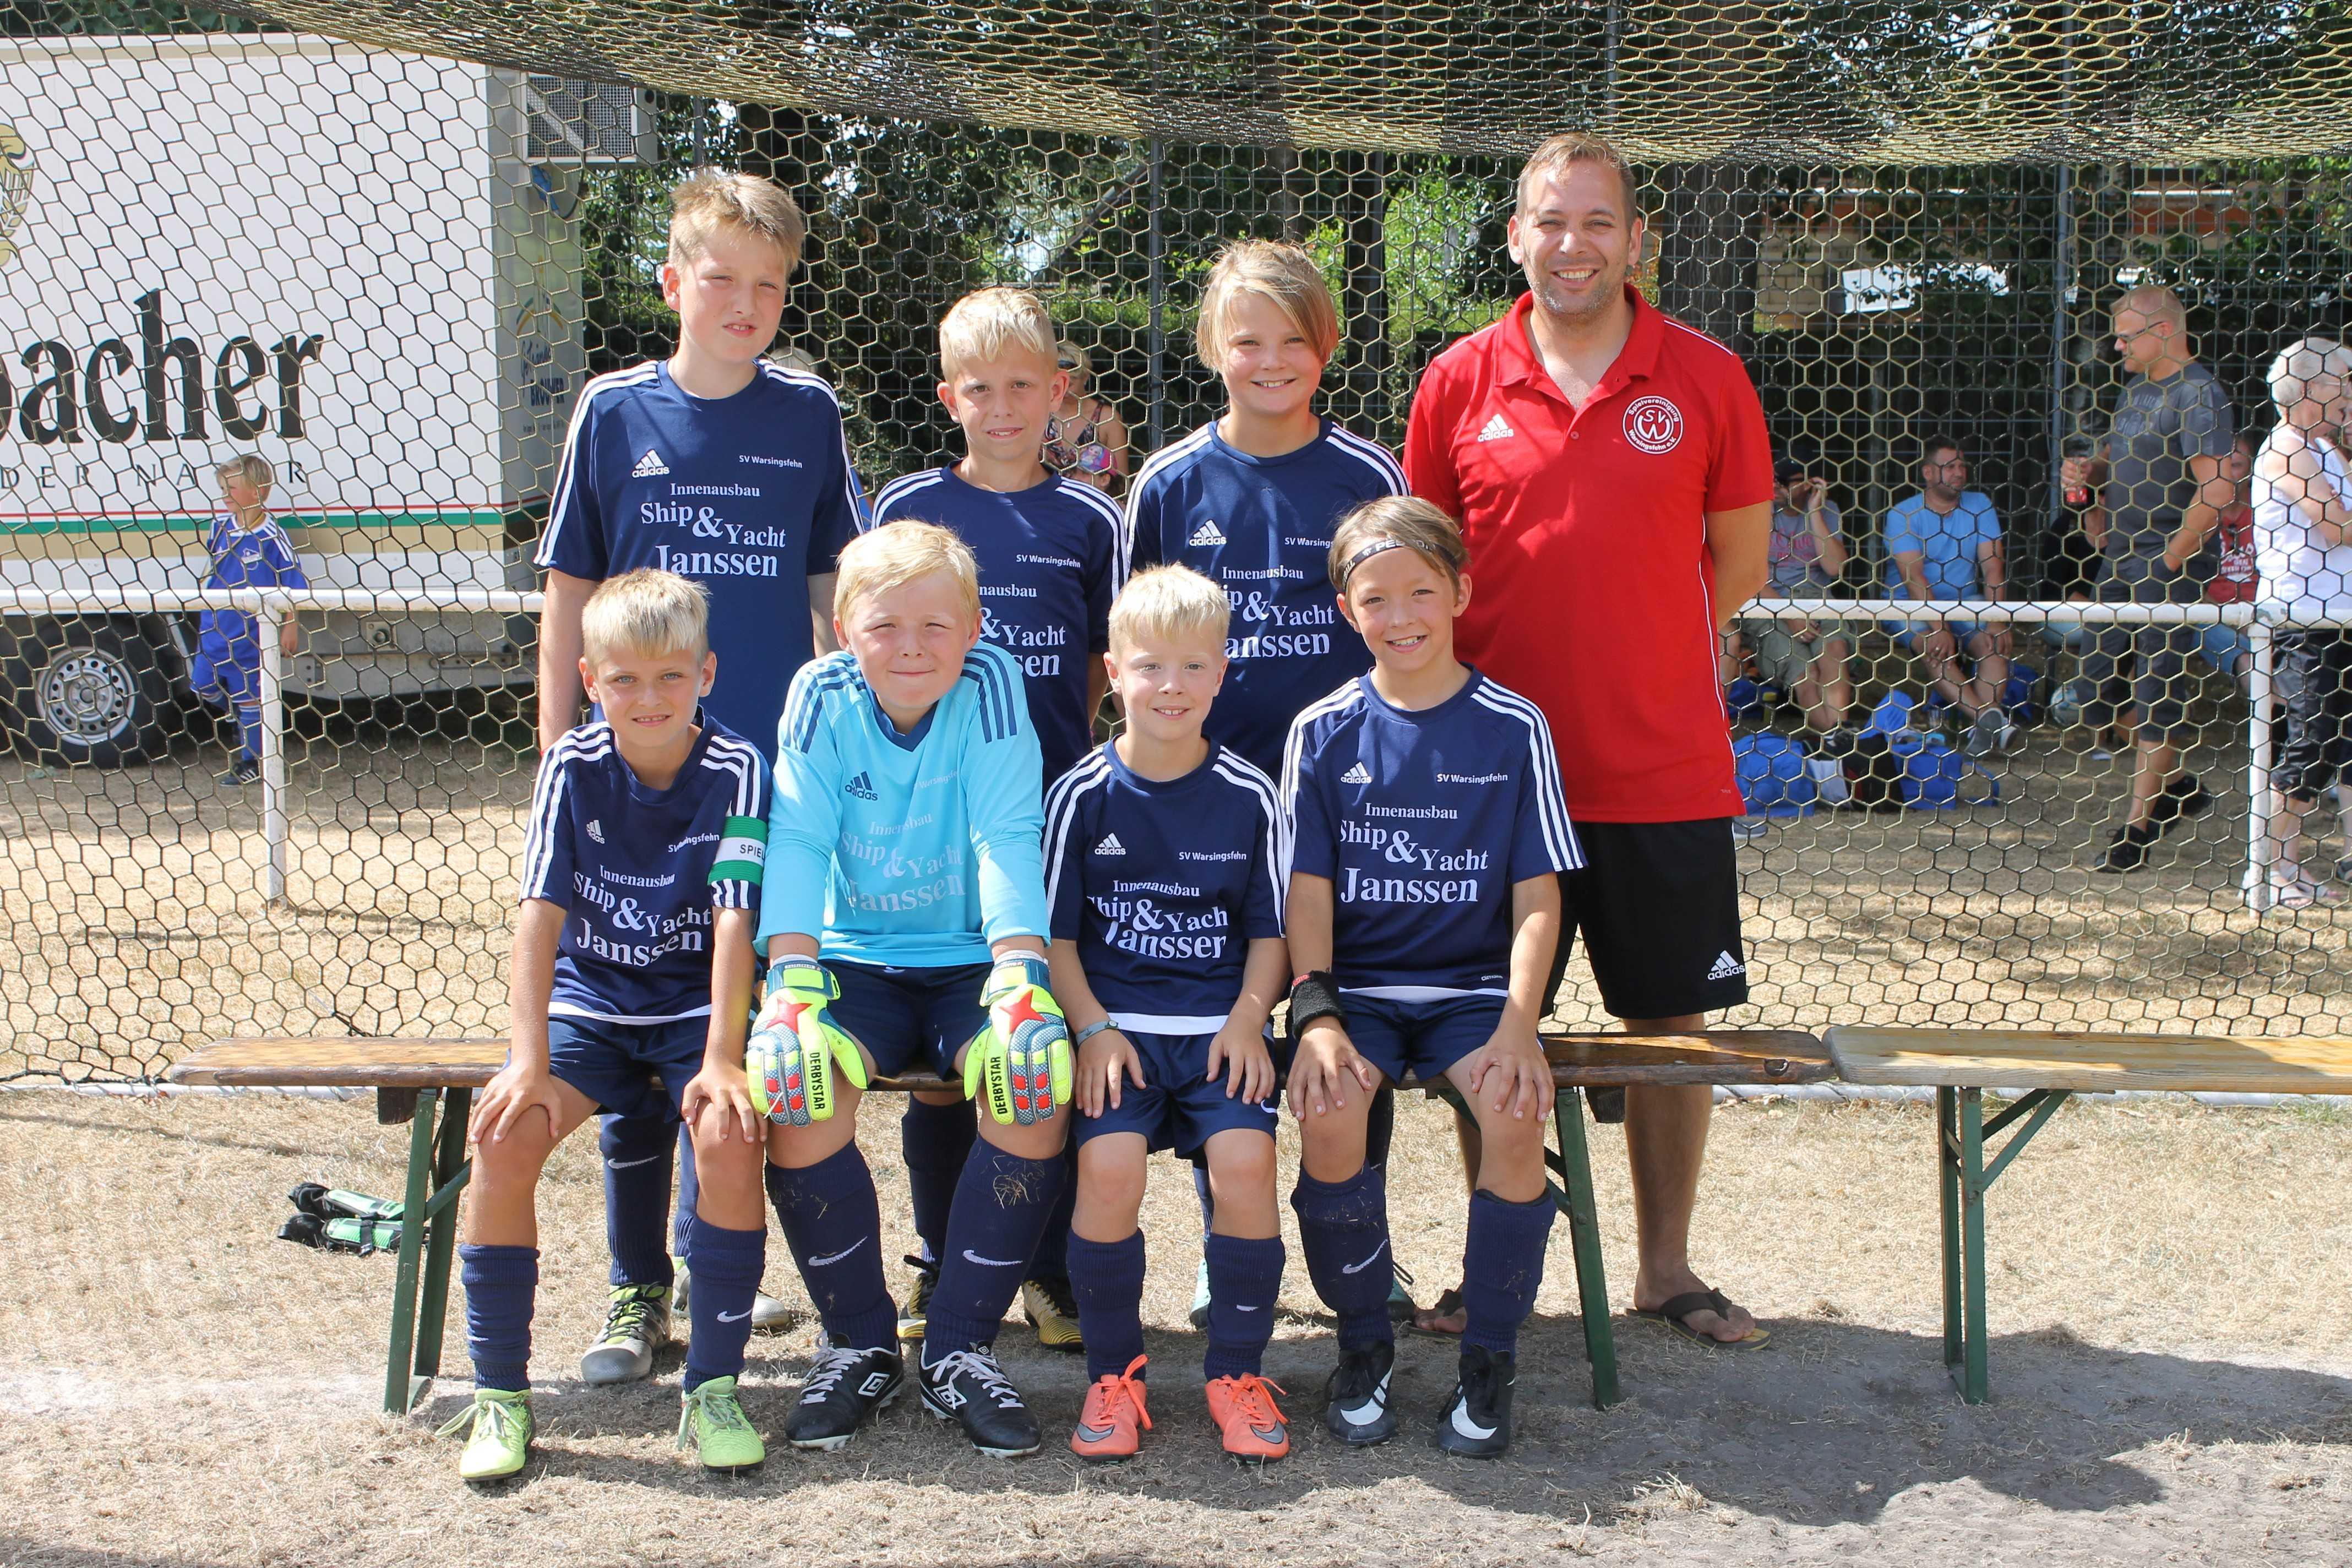 2018-08-05 Sportwoche - Jugendtag (59)